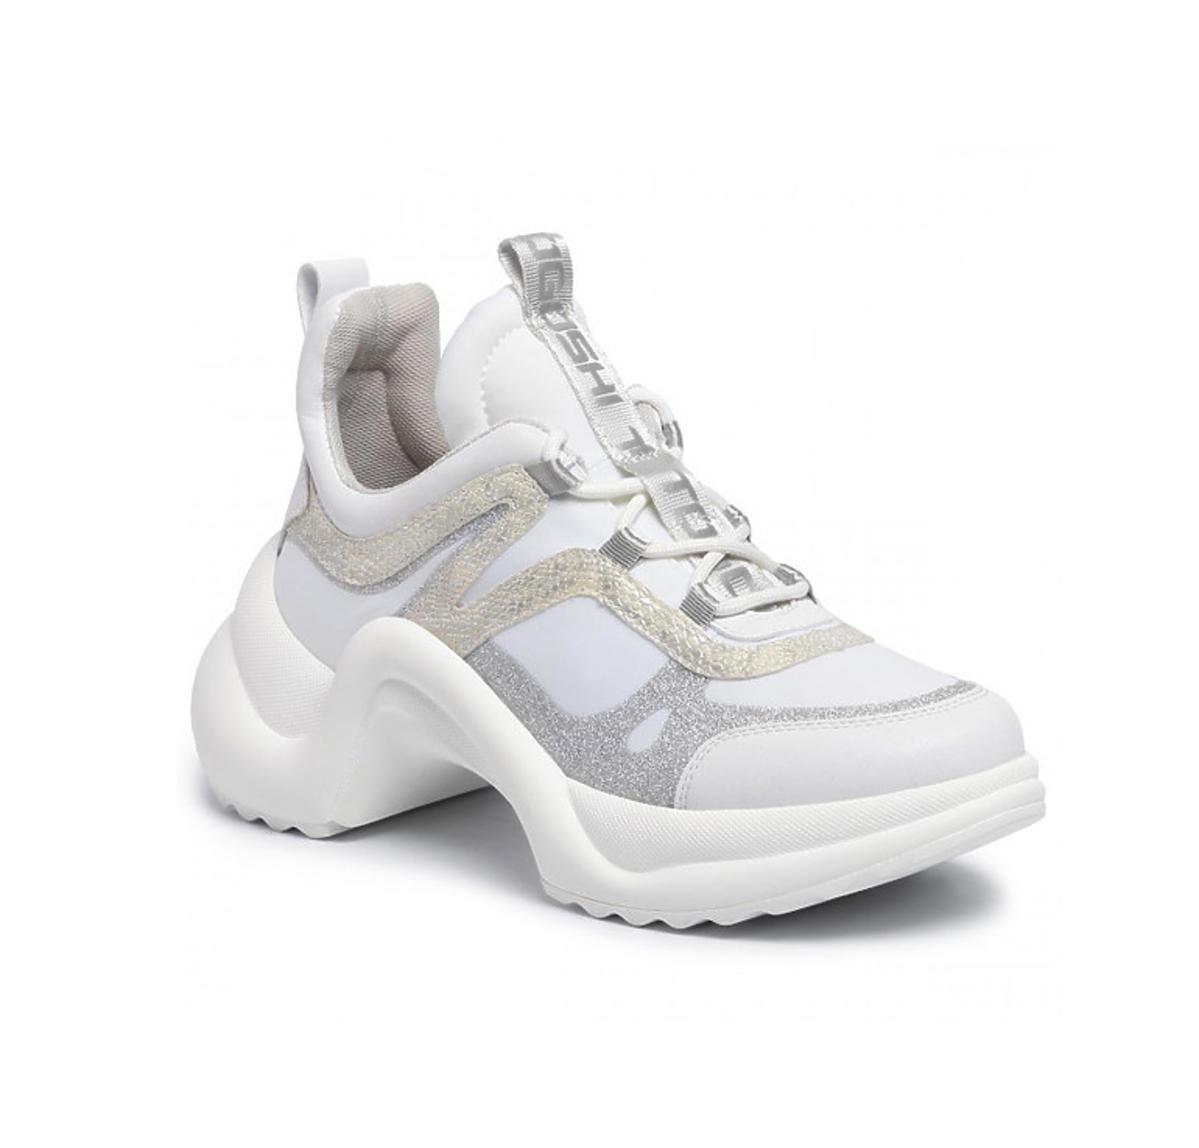 Pamiętacie sneakersy Ani Lewandowskiej Louis Vuitton? Znaleźliśmy niemal identyczne, ale ponad 10 razy tańsze!